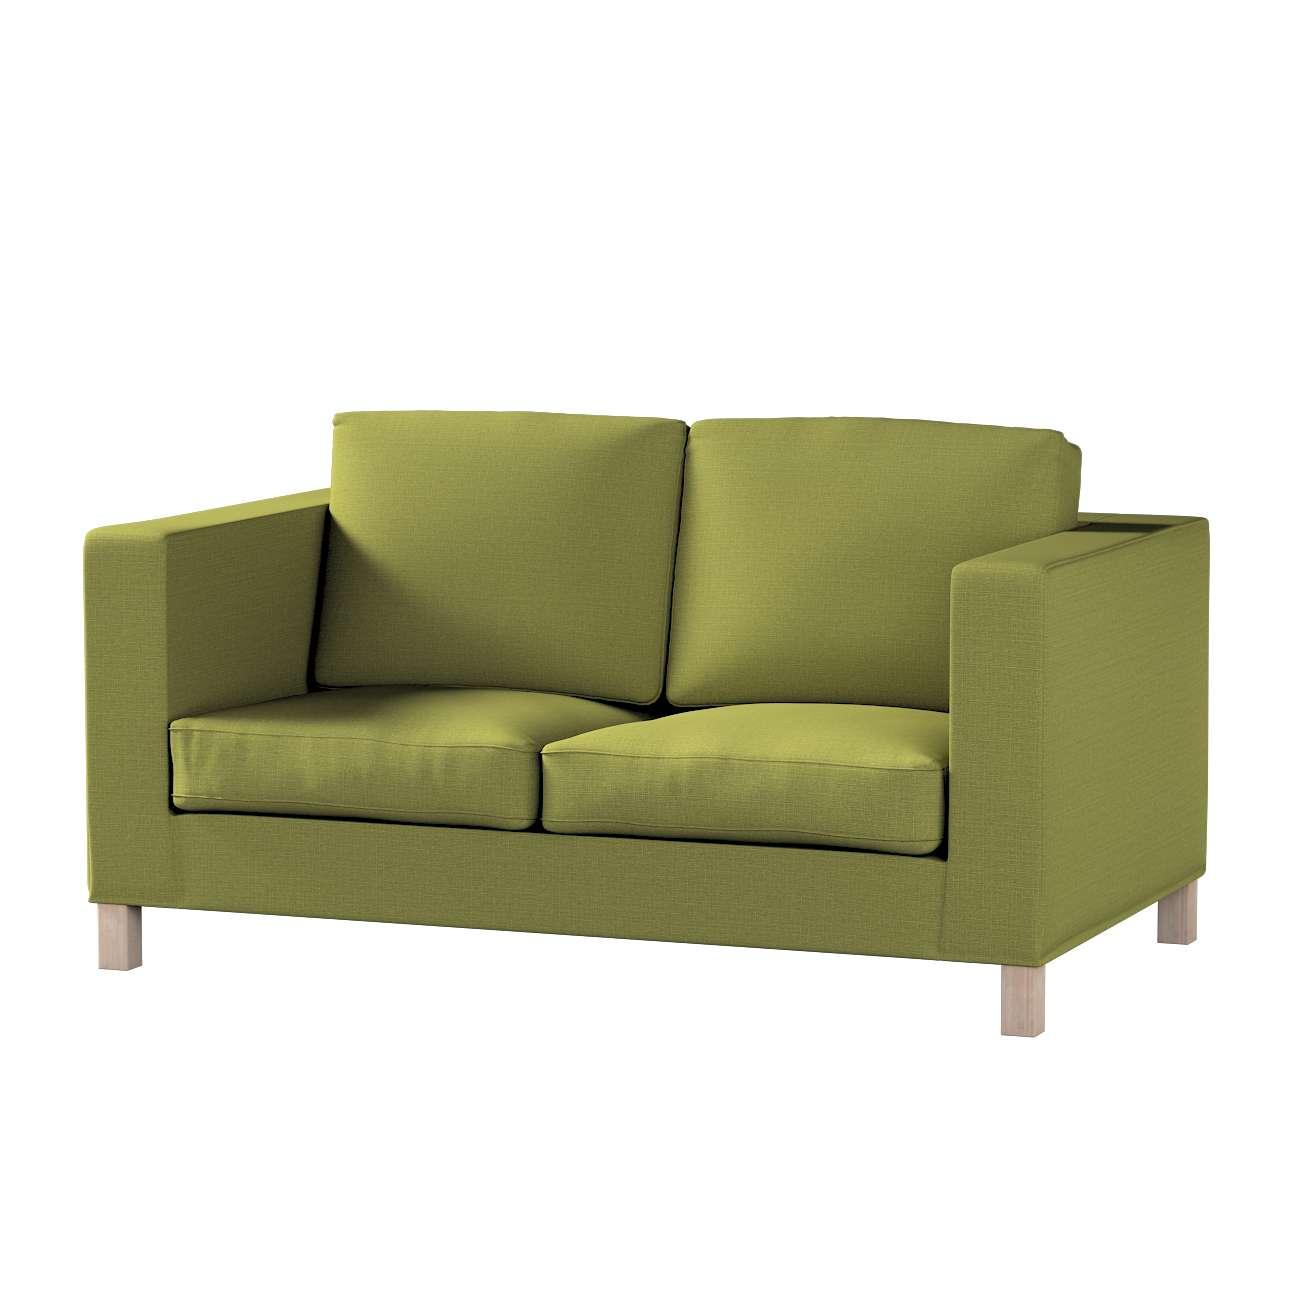 Karlanda klädsel<br>2-sits soffa - kort klädsel i kollektionen Living 2, Tyg: 161-13